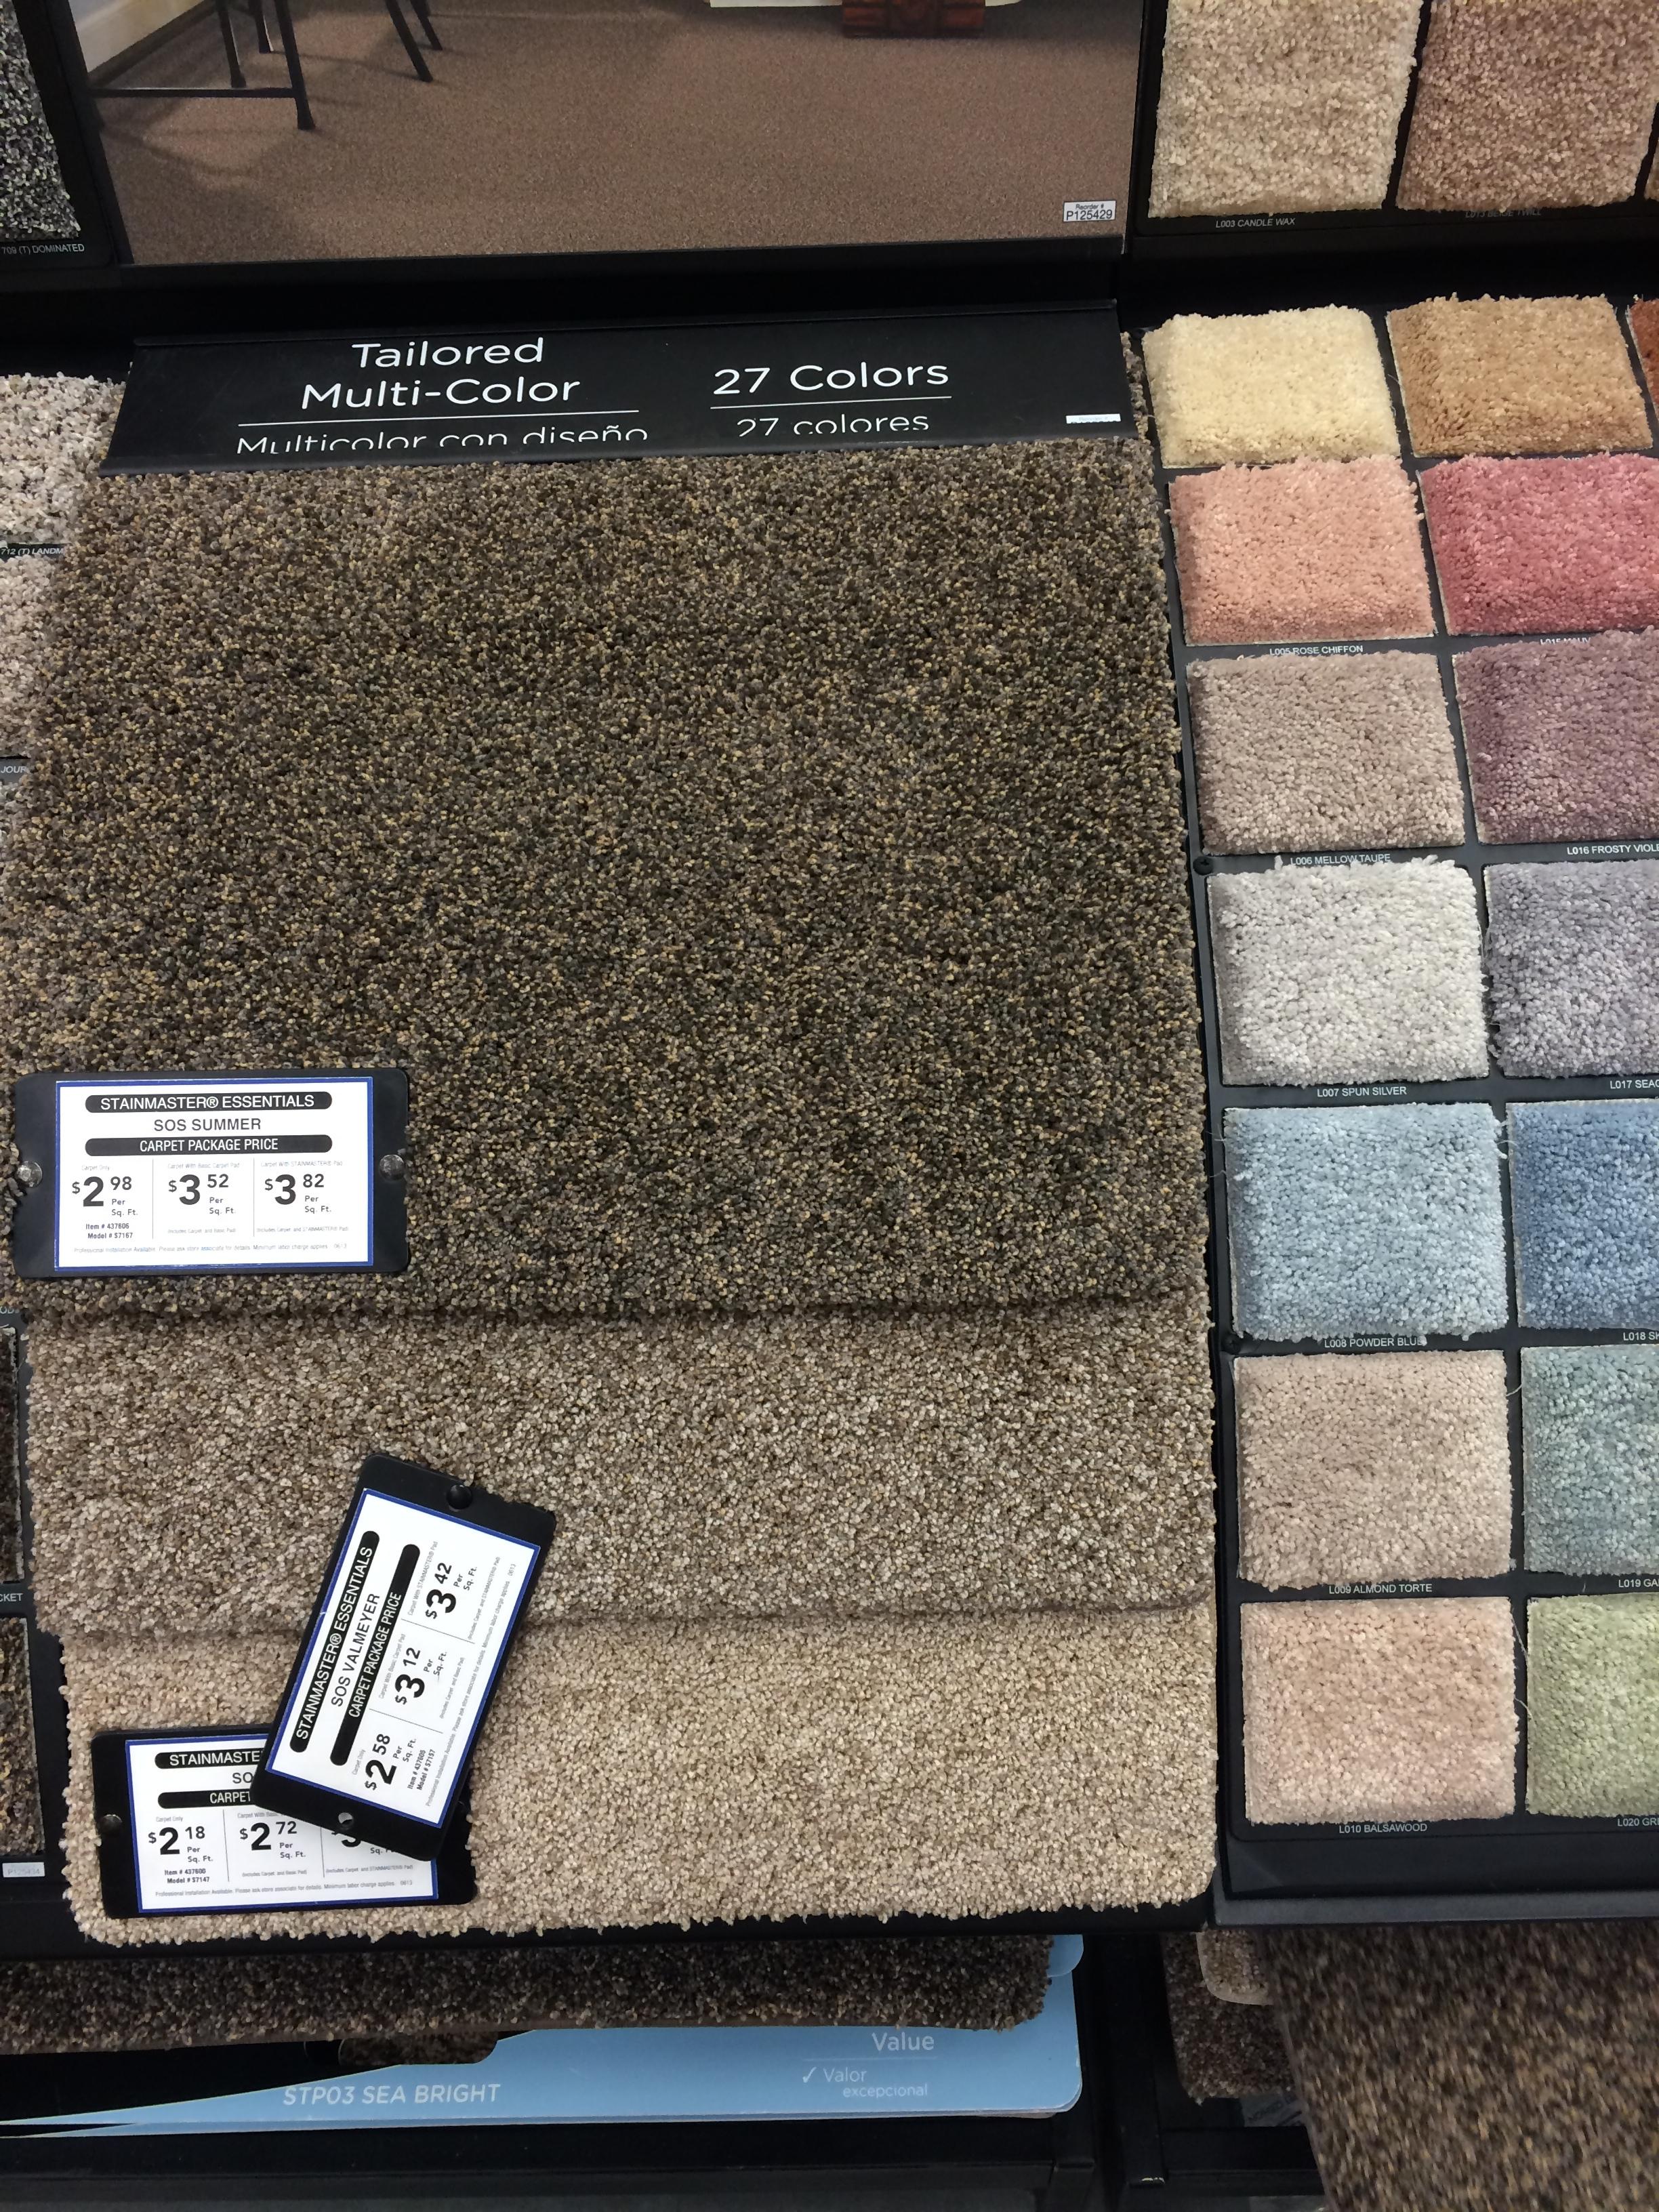 Stainmaster carpet phenix grove landing 02 sport cargo for Stainmaster carpet